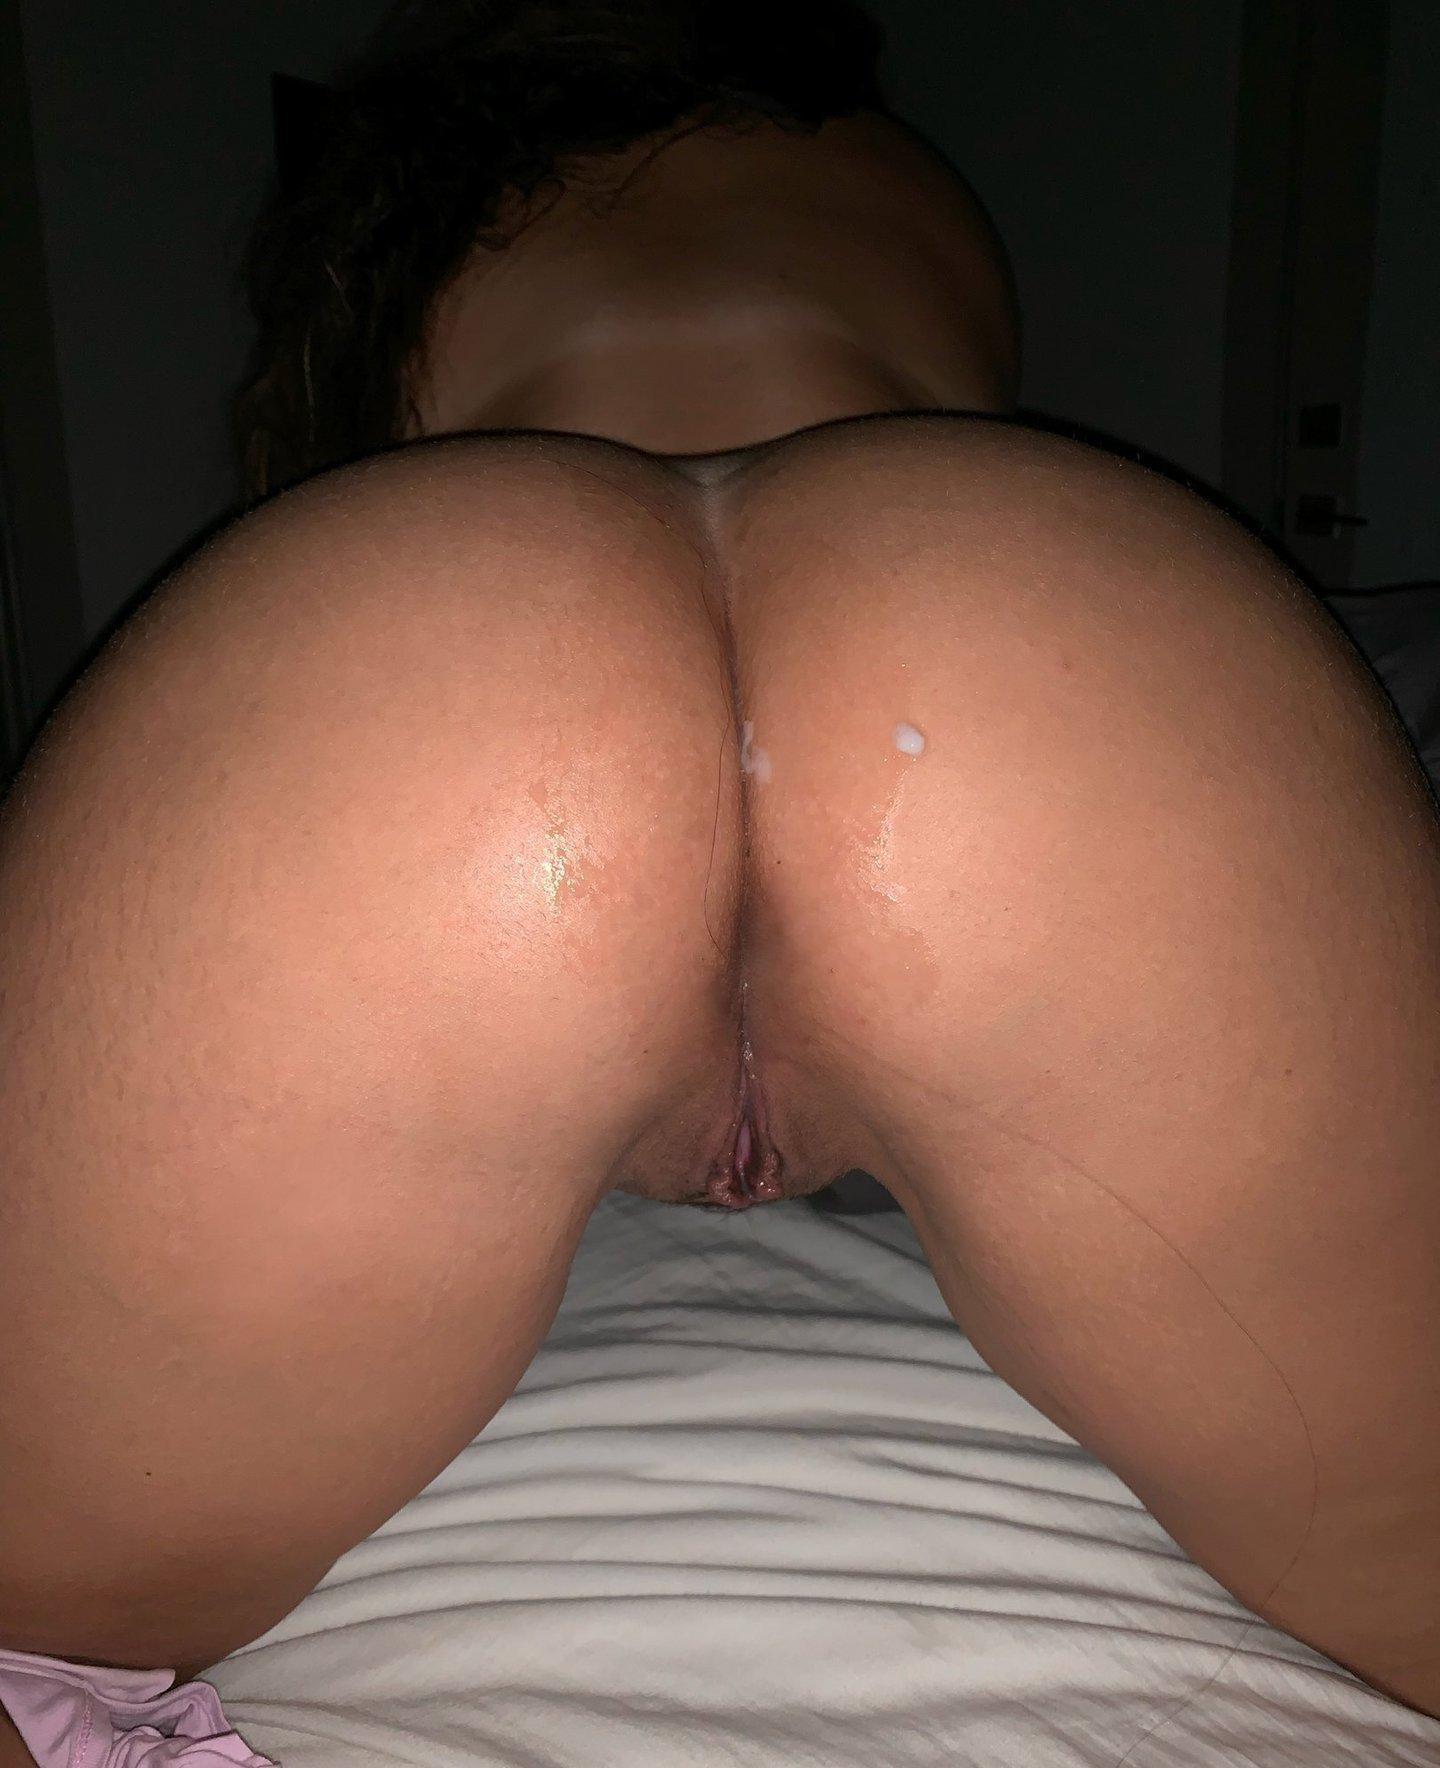 Natalie Monroe Nataliemonroe Onlyfans Nude Leaks 0022